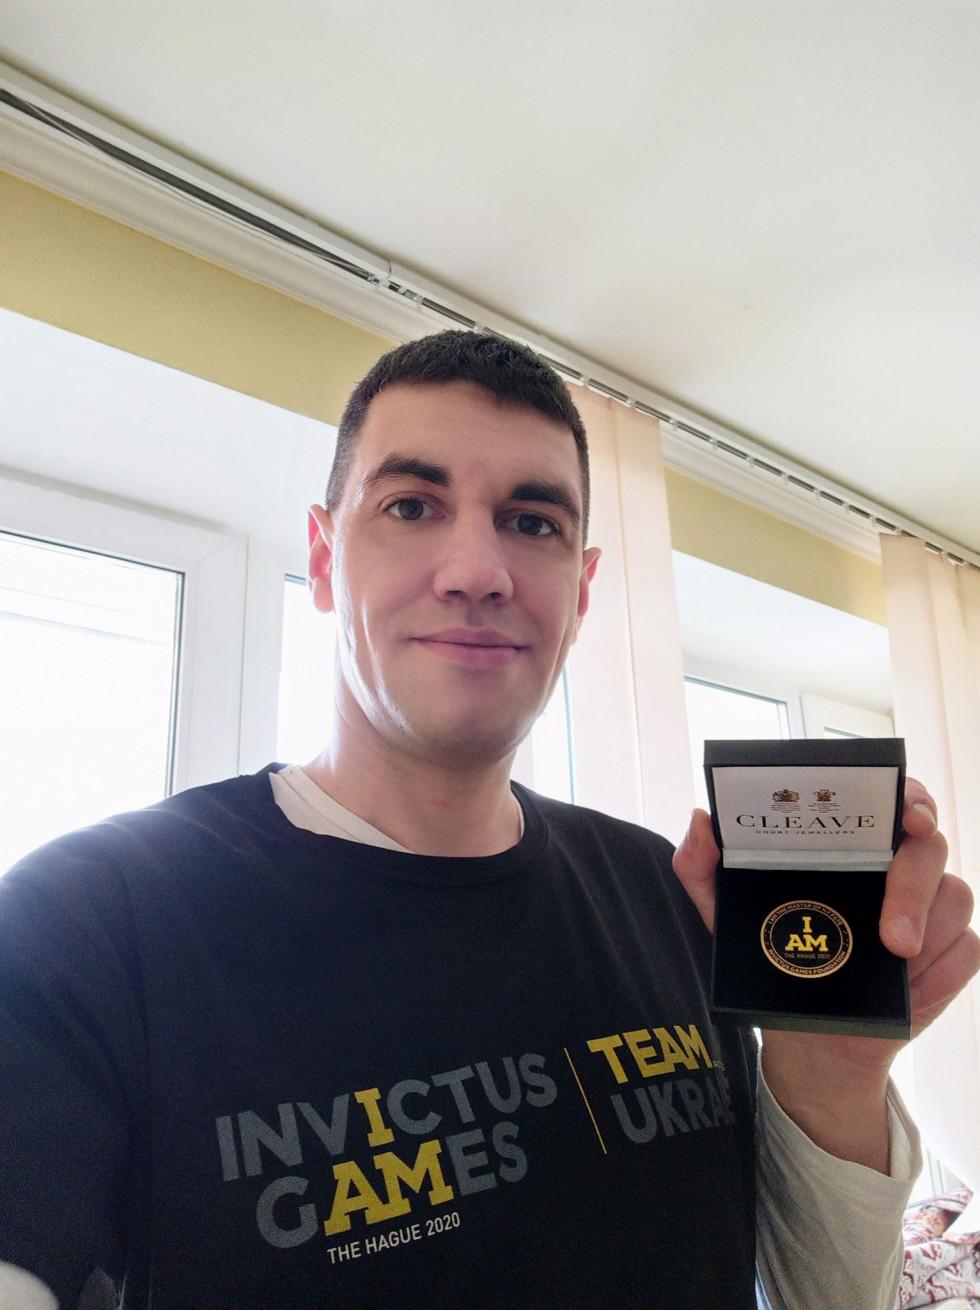 Іван Лепеха отримав пам'ятну відзнаку Invictus Games